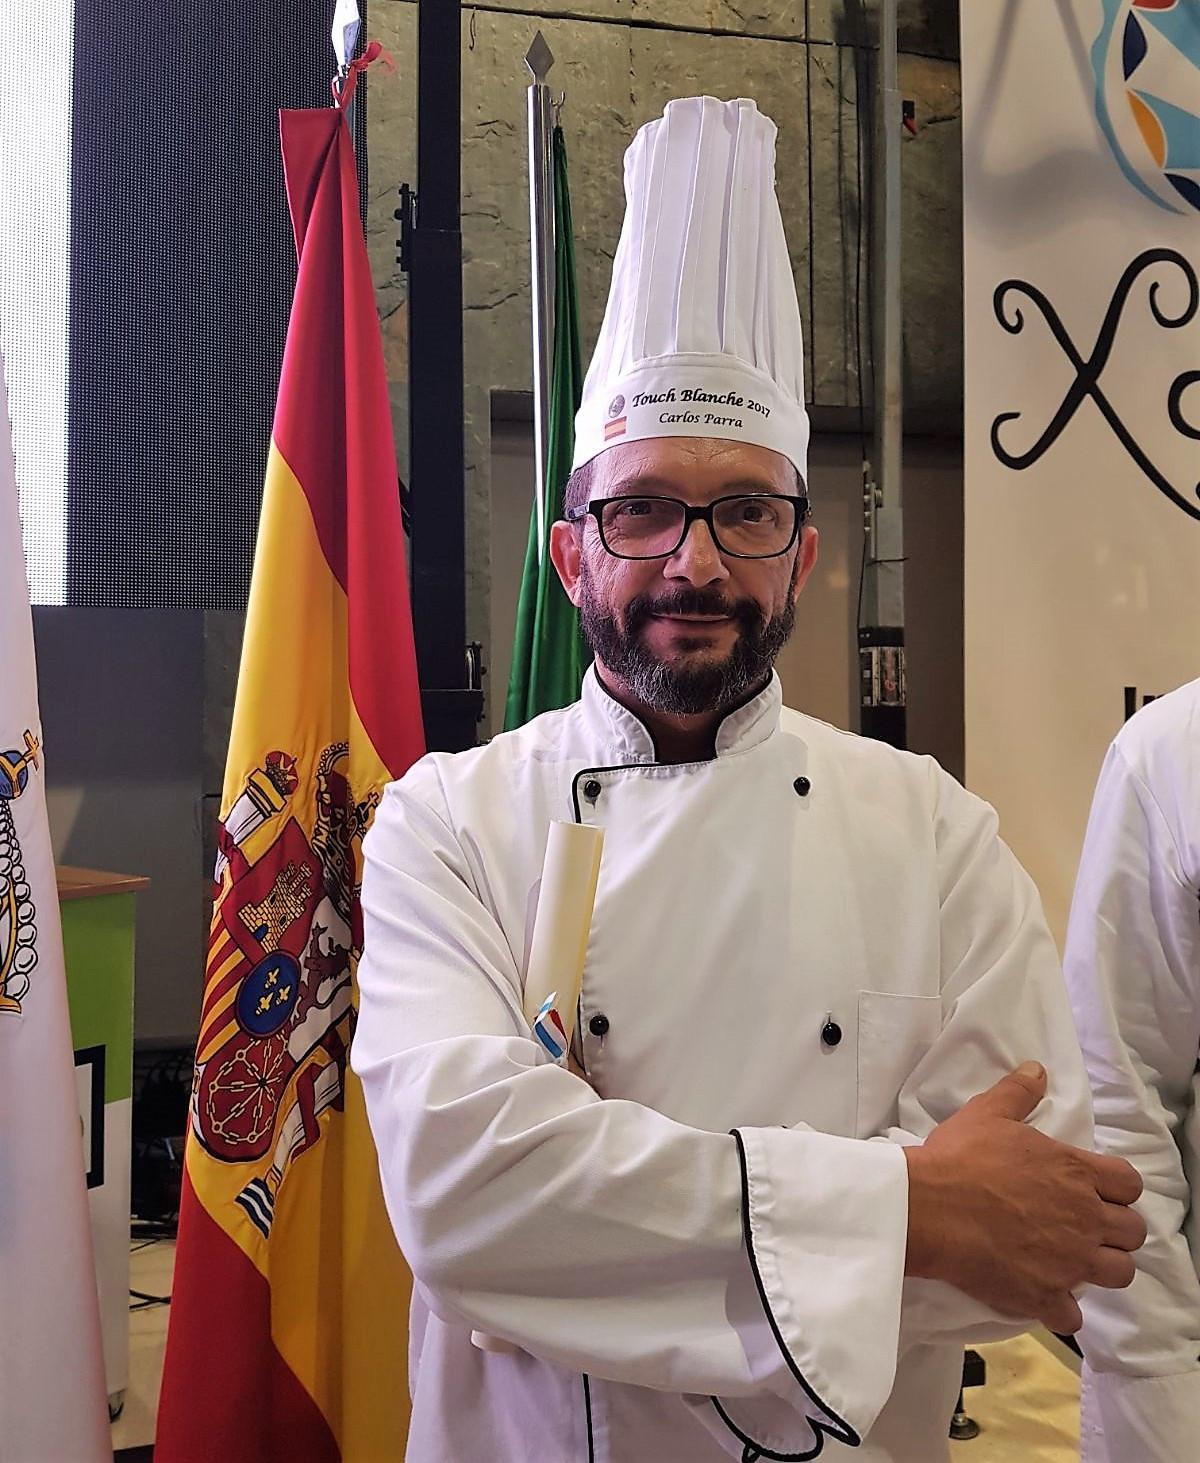 Xantar 2018, Carlos Parra premiado